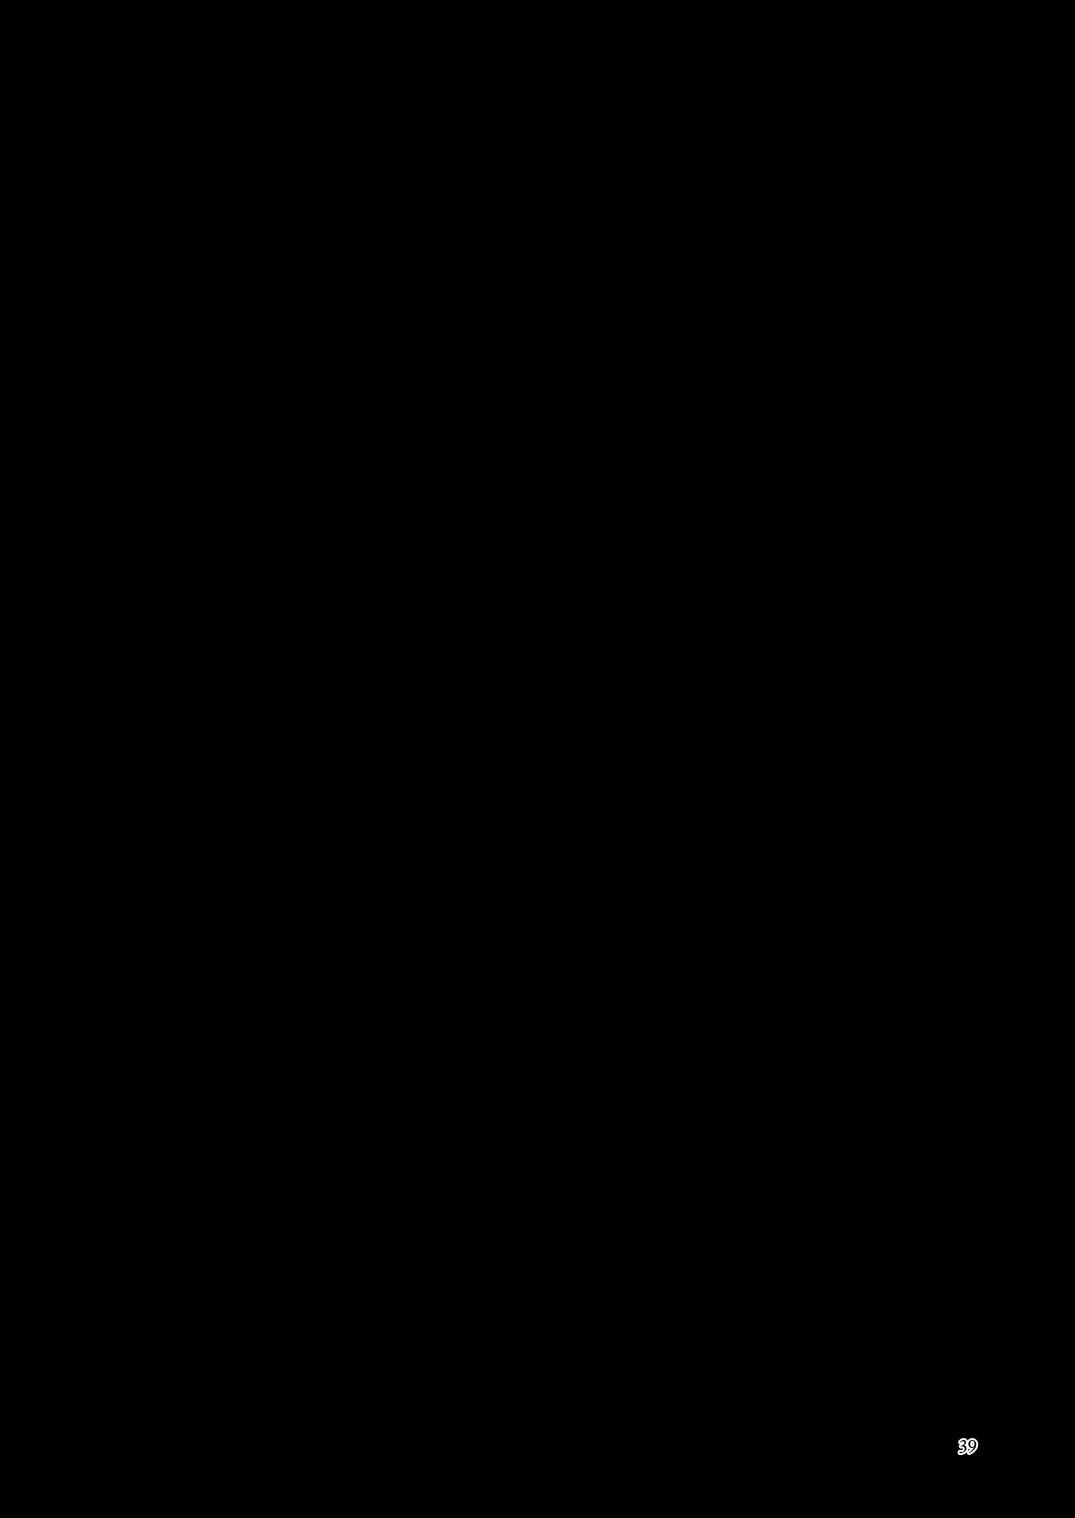 トワイライトゾーン1 37